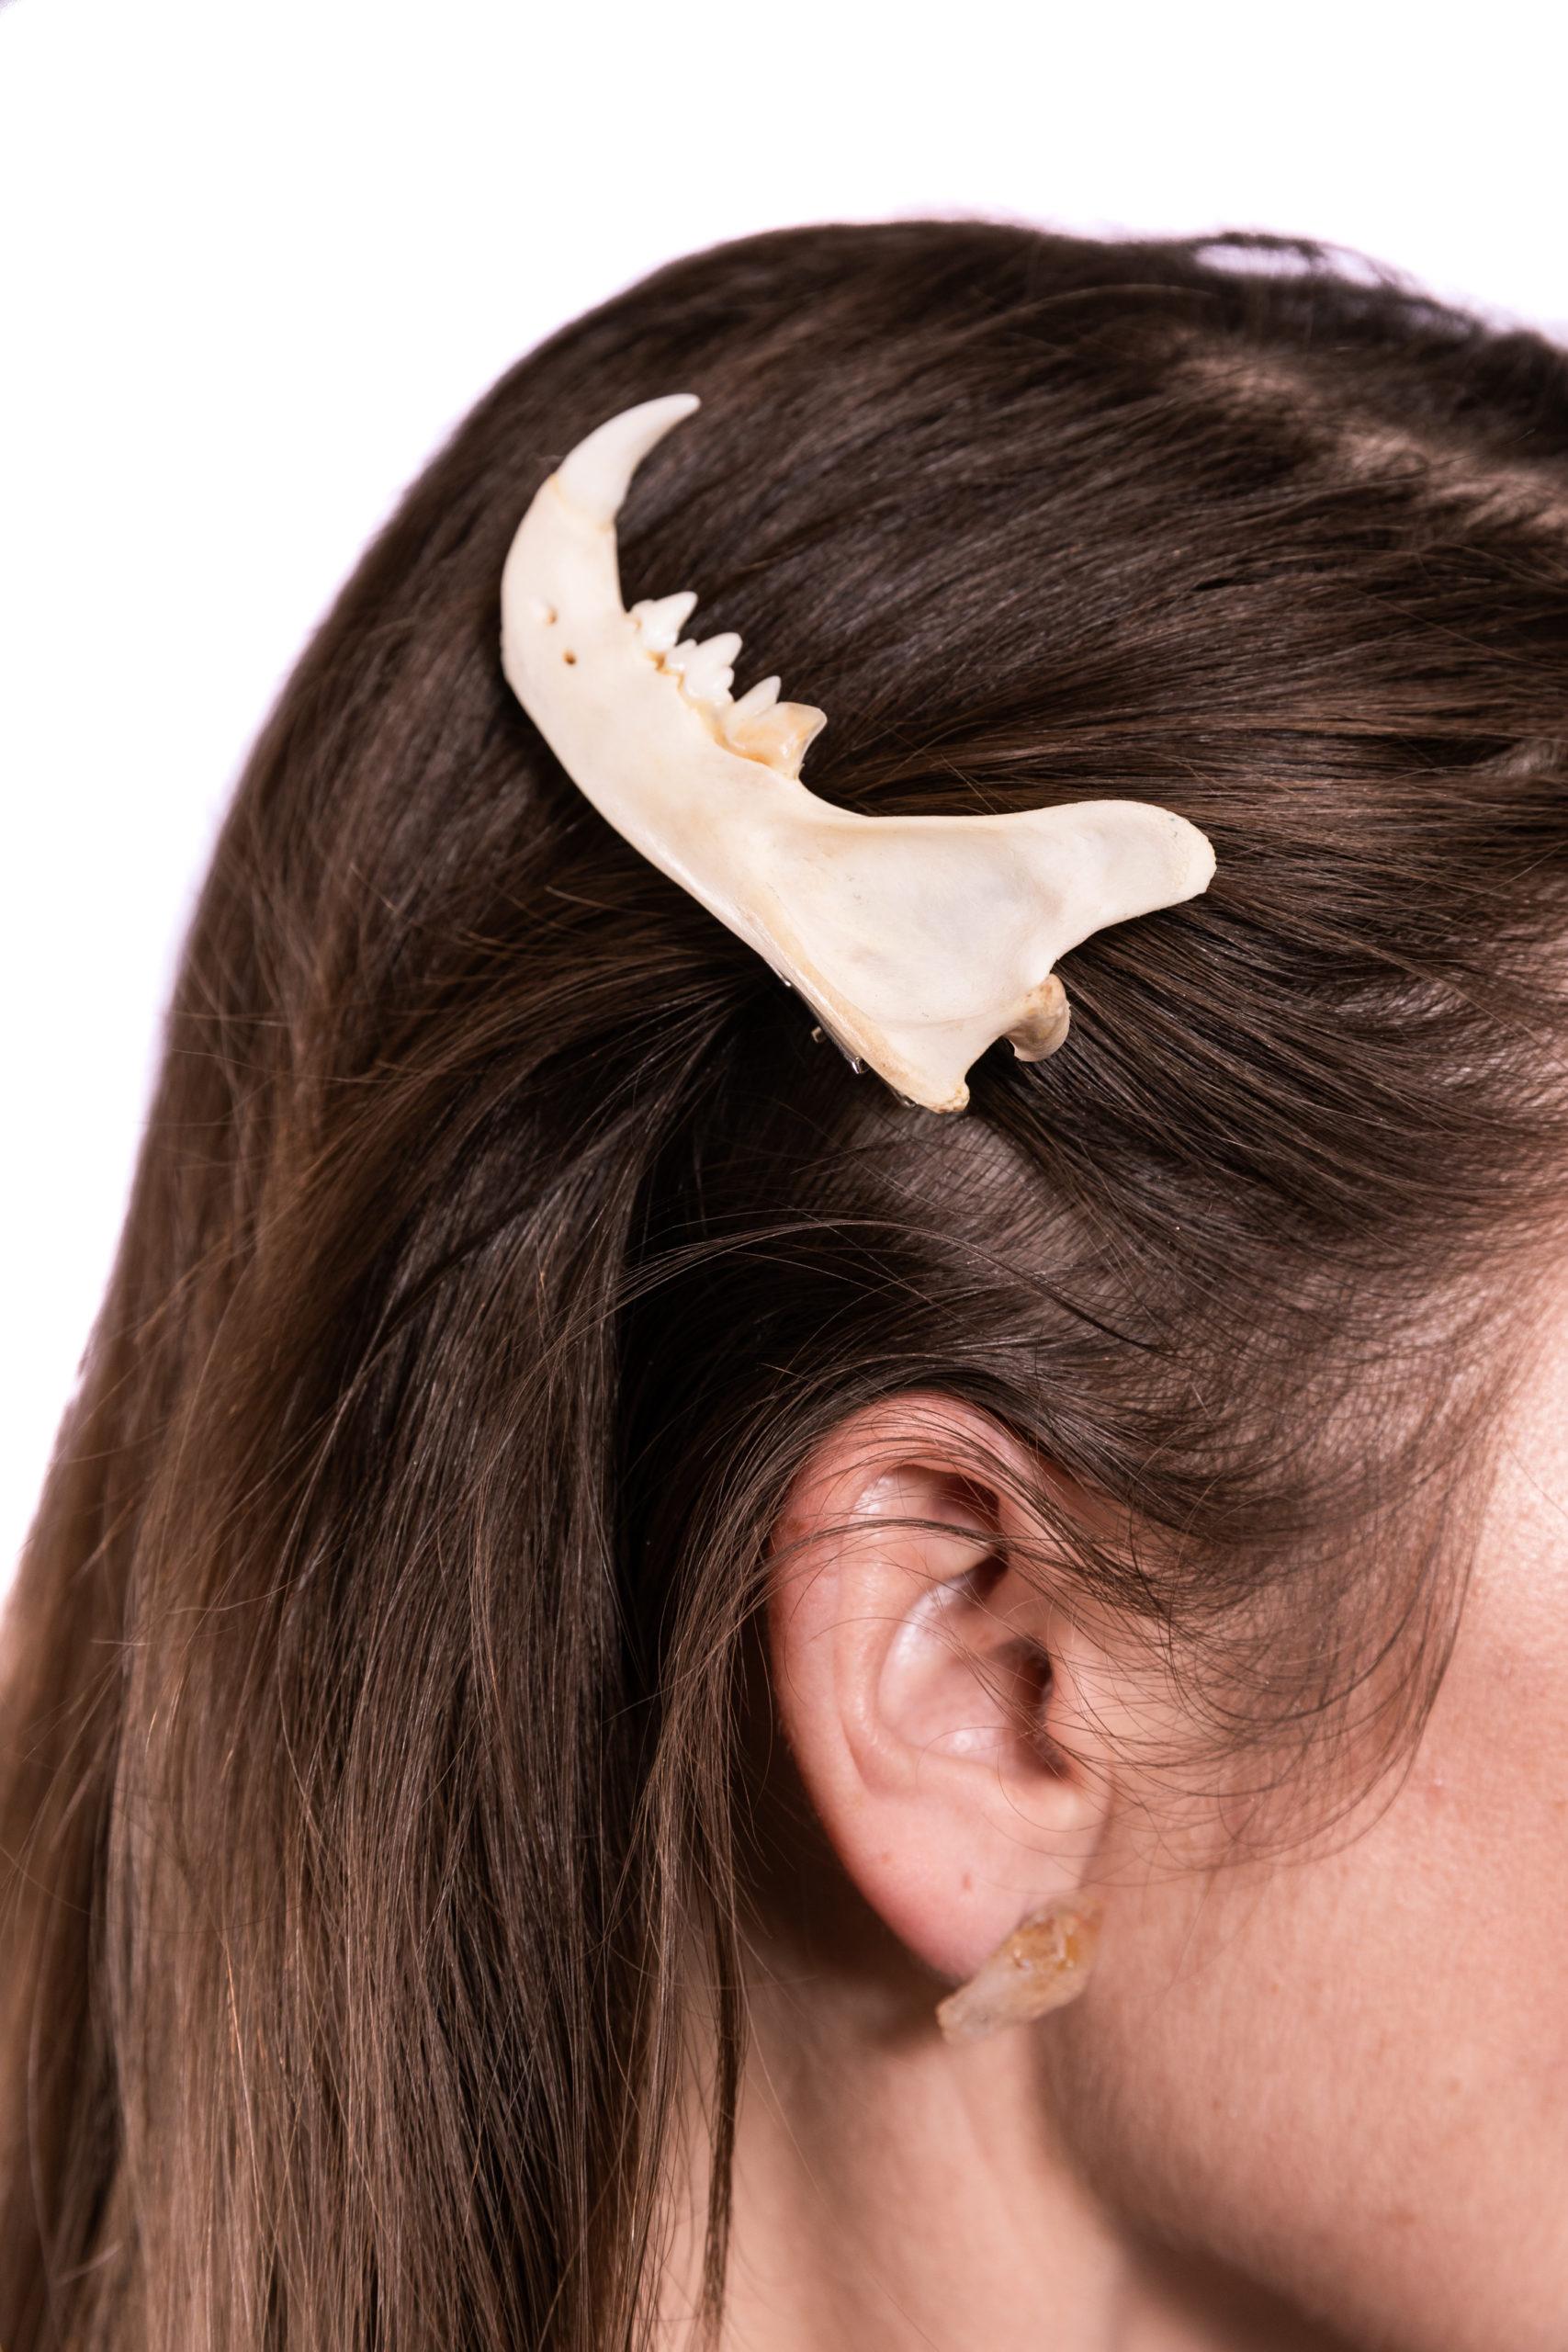 Bone hair clips